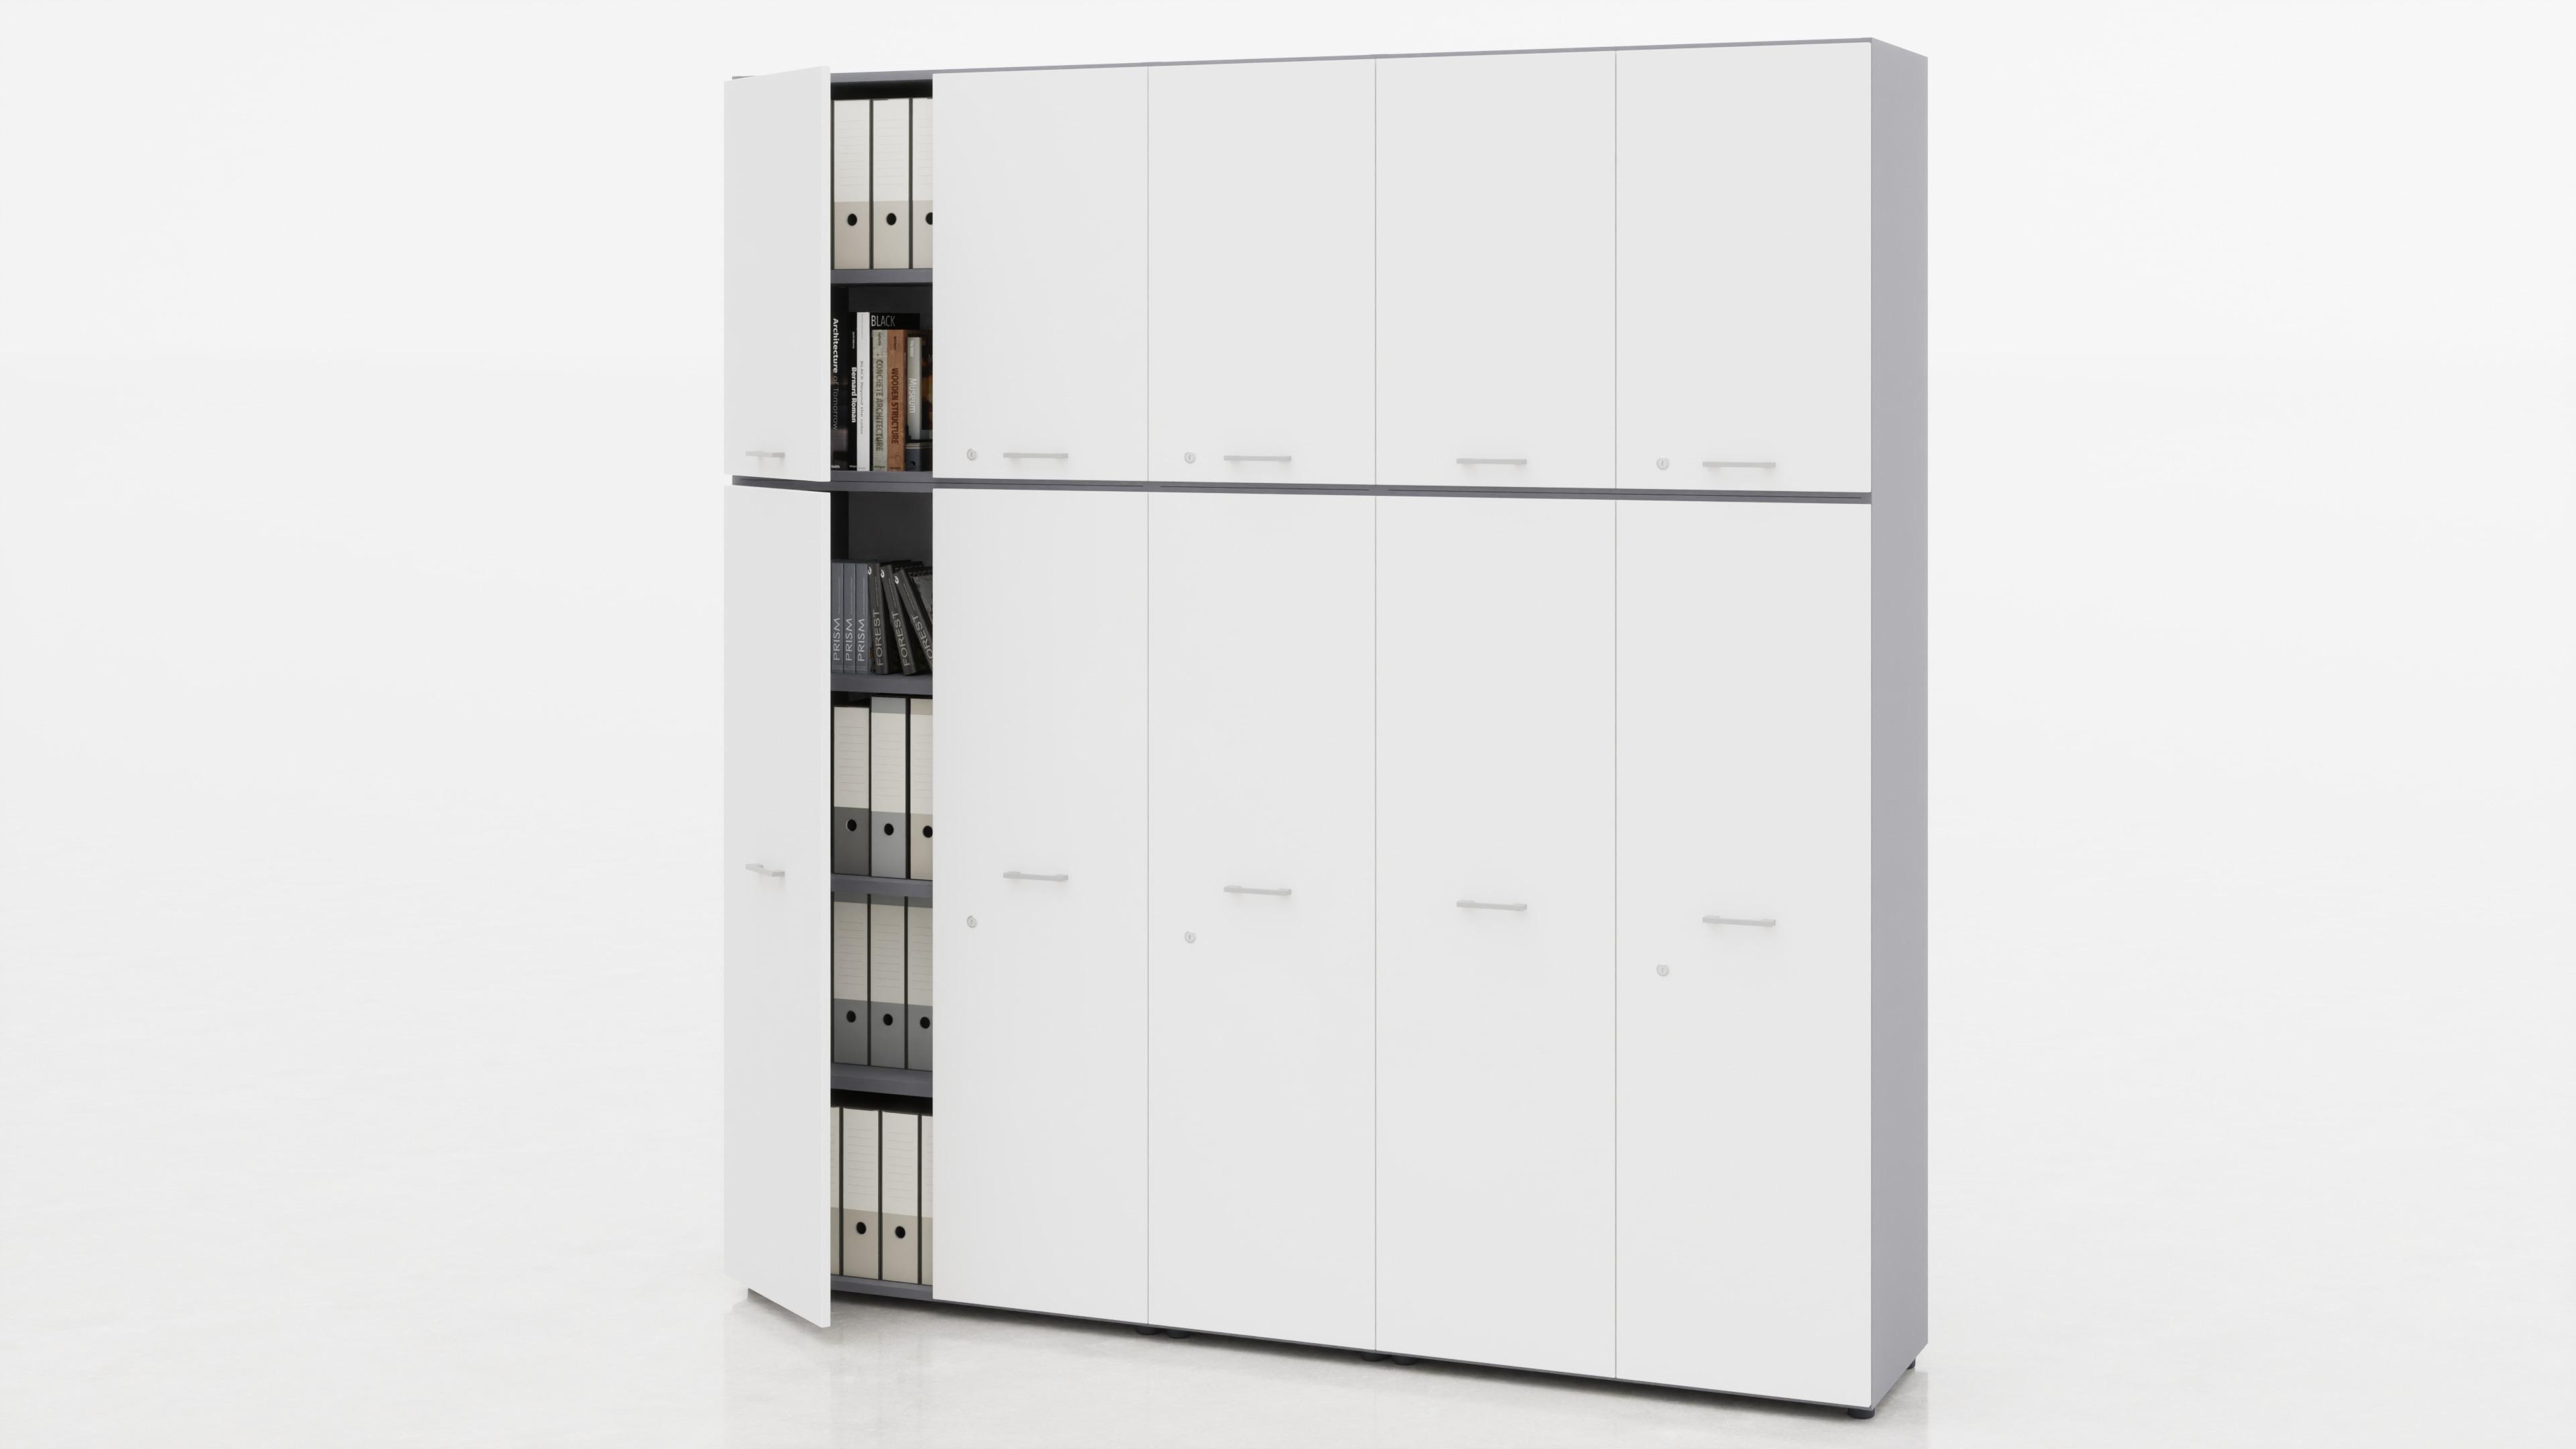 Contenitori medi 4 ante inferiori legno con serratura + sopralzi con 4 ante legno + moduli centrali a giorno.